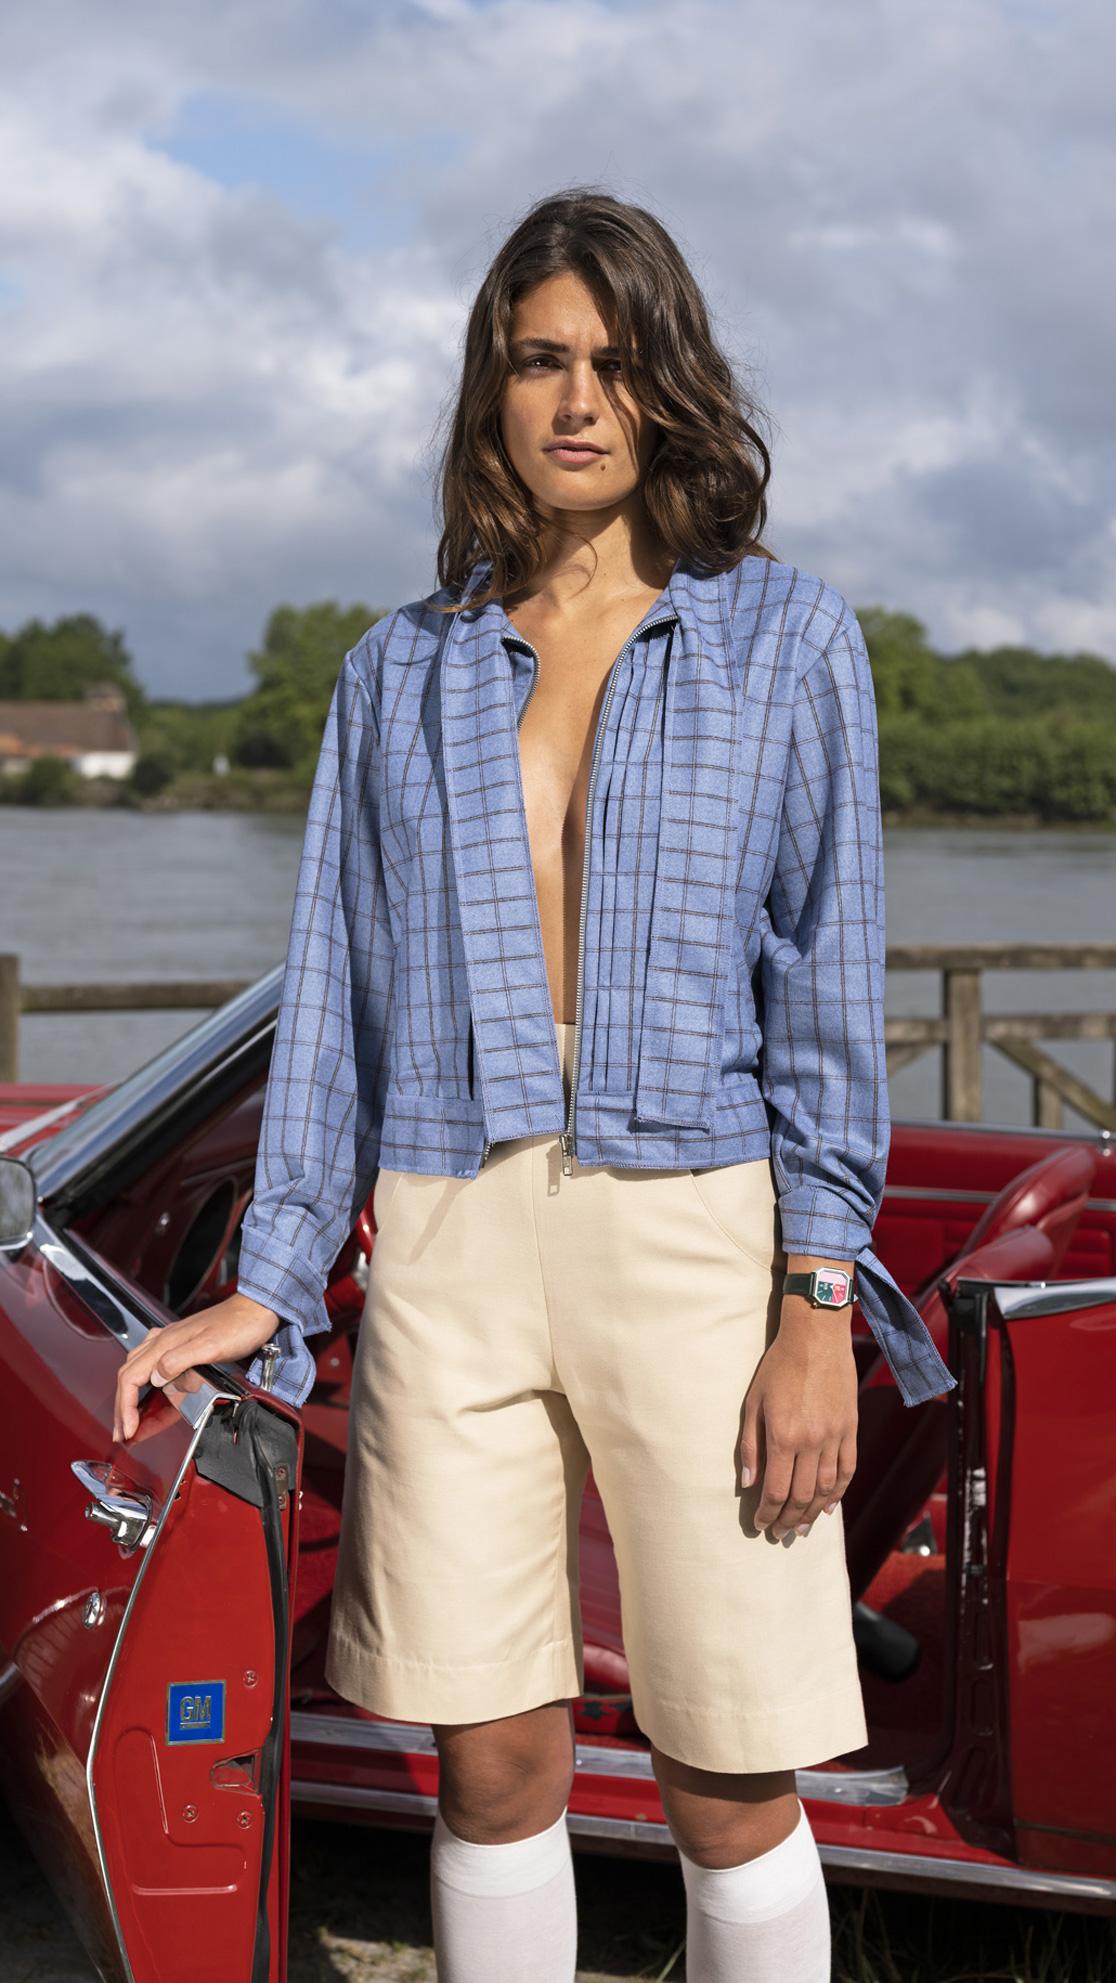 DADA-Diane-Ducasse-AH21-flanelle-bleu-carreaux-blouson-lavalliere-bermuda-soie-beige-montre-marchlab-1